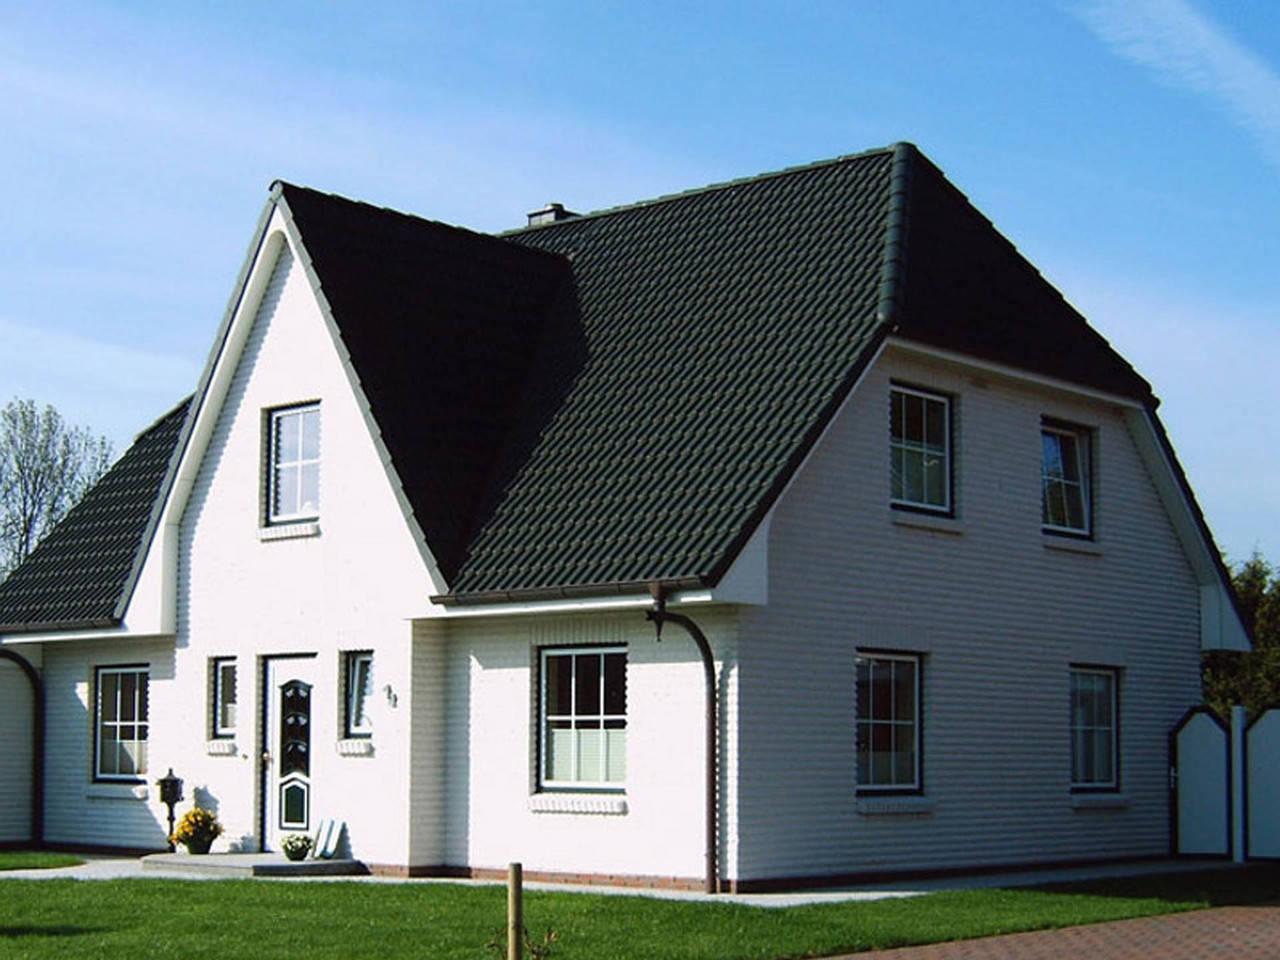 Friesengiebel Haus Baerwolf Bauregie